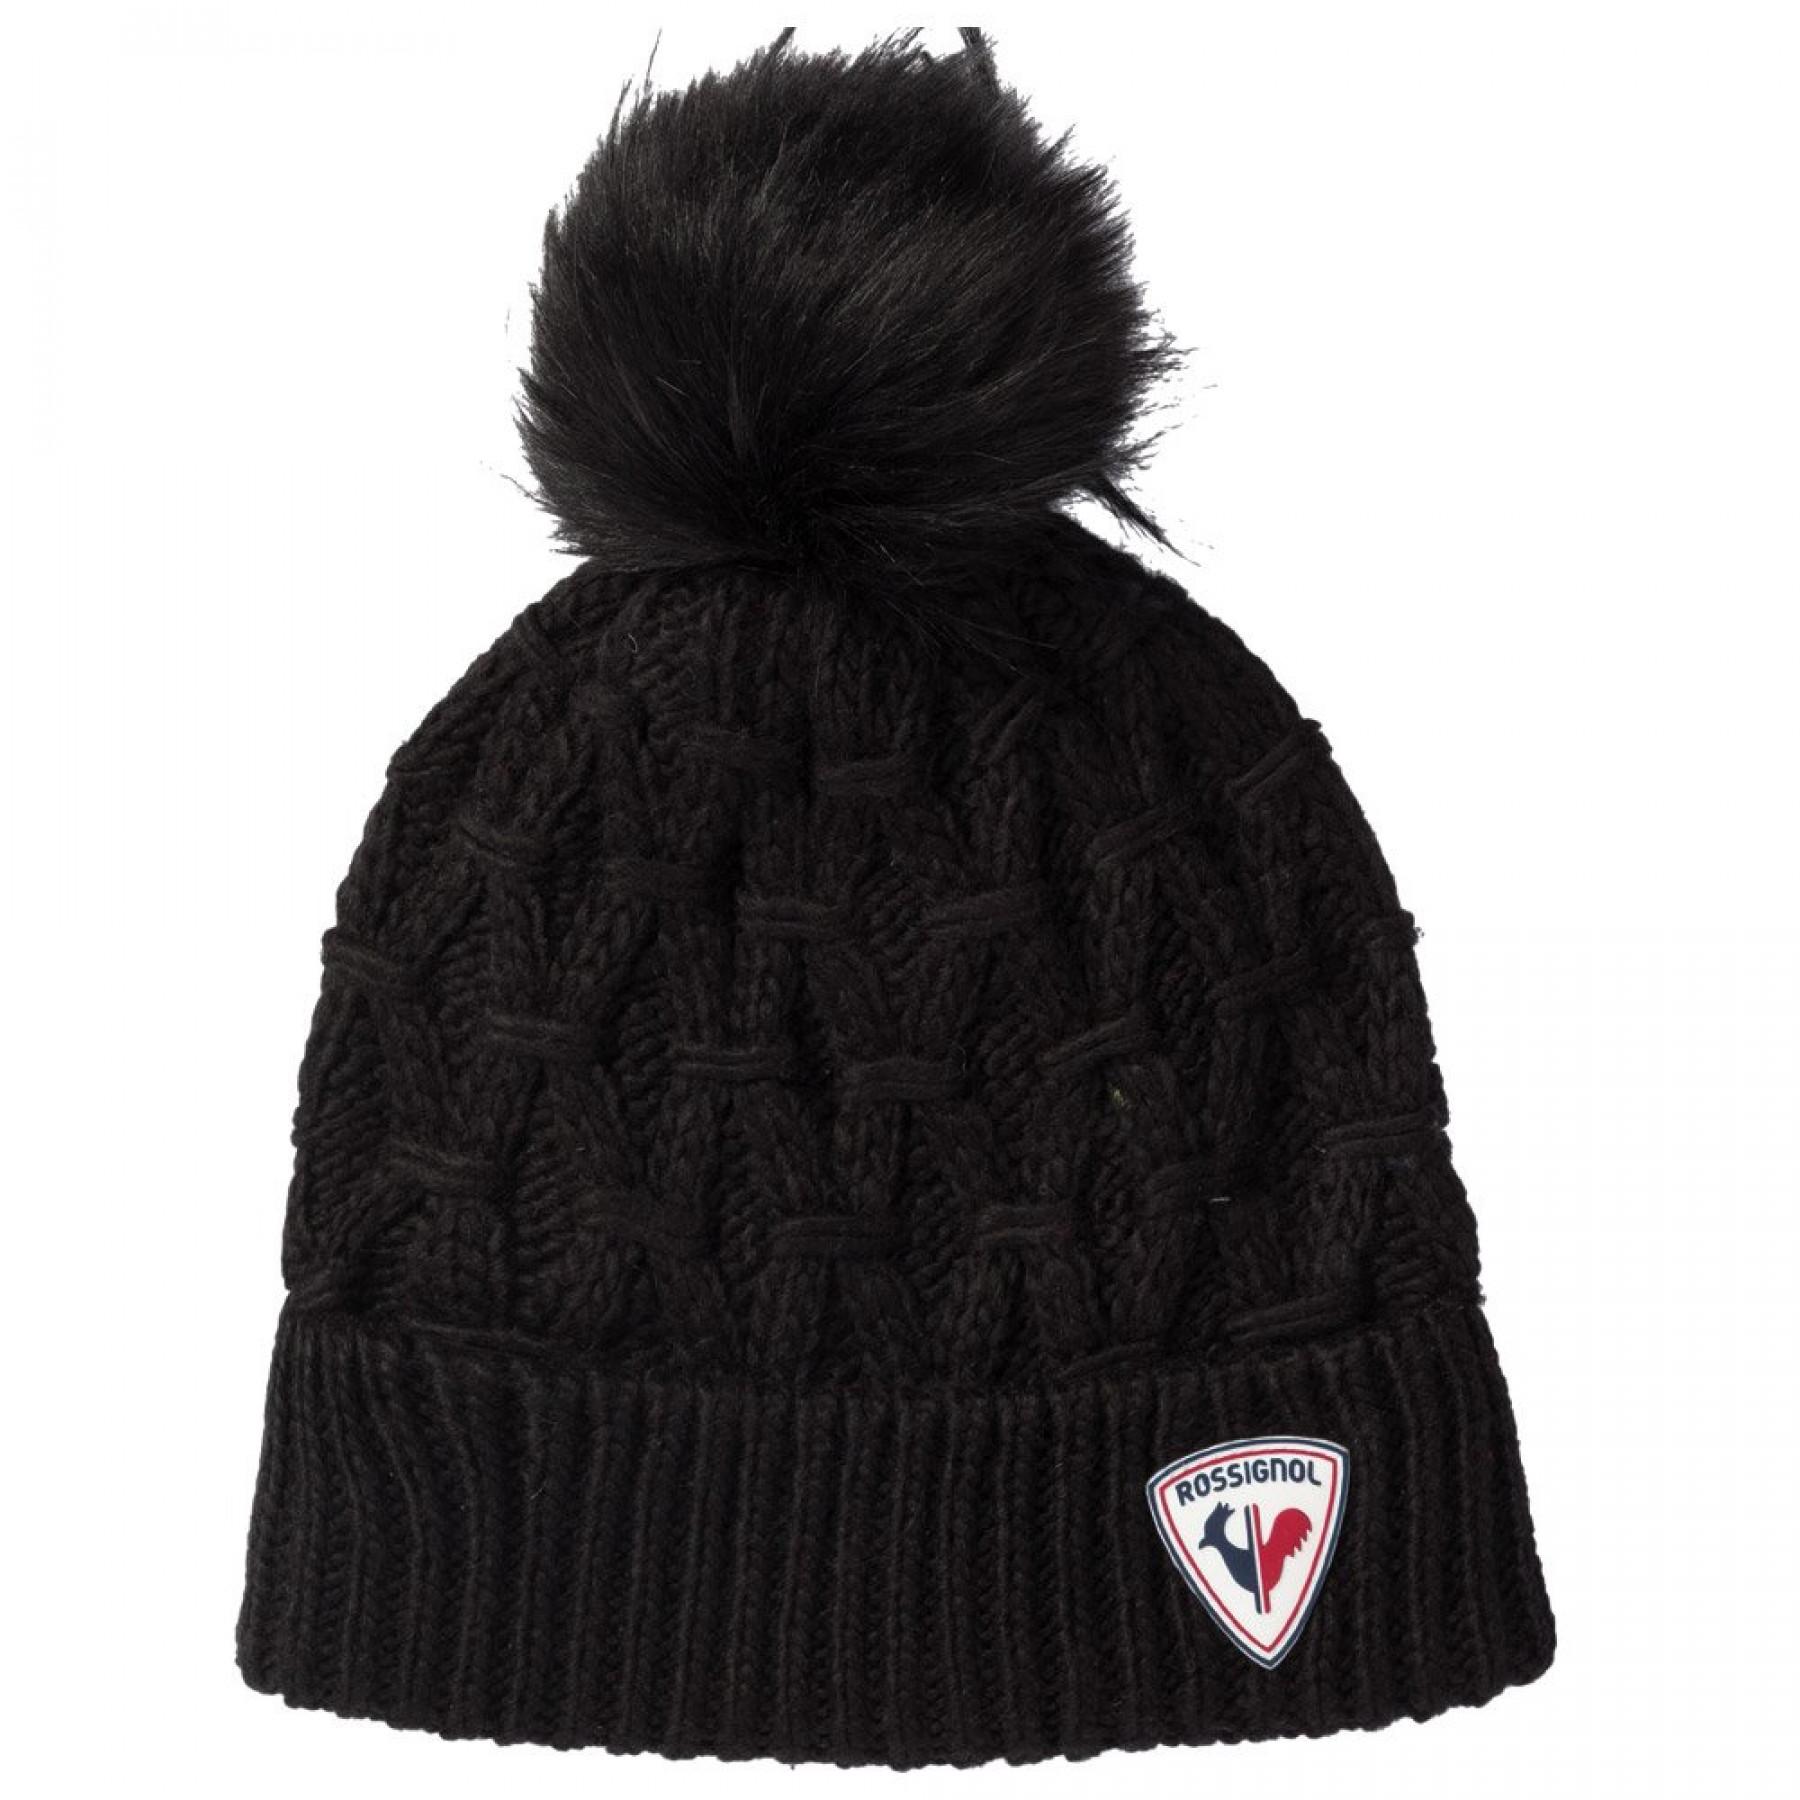 Cappello da donna Rossignol L3 Yuna